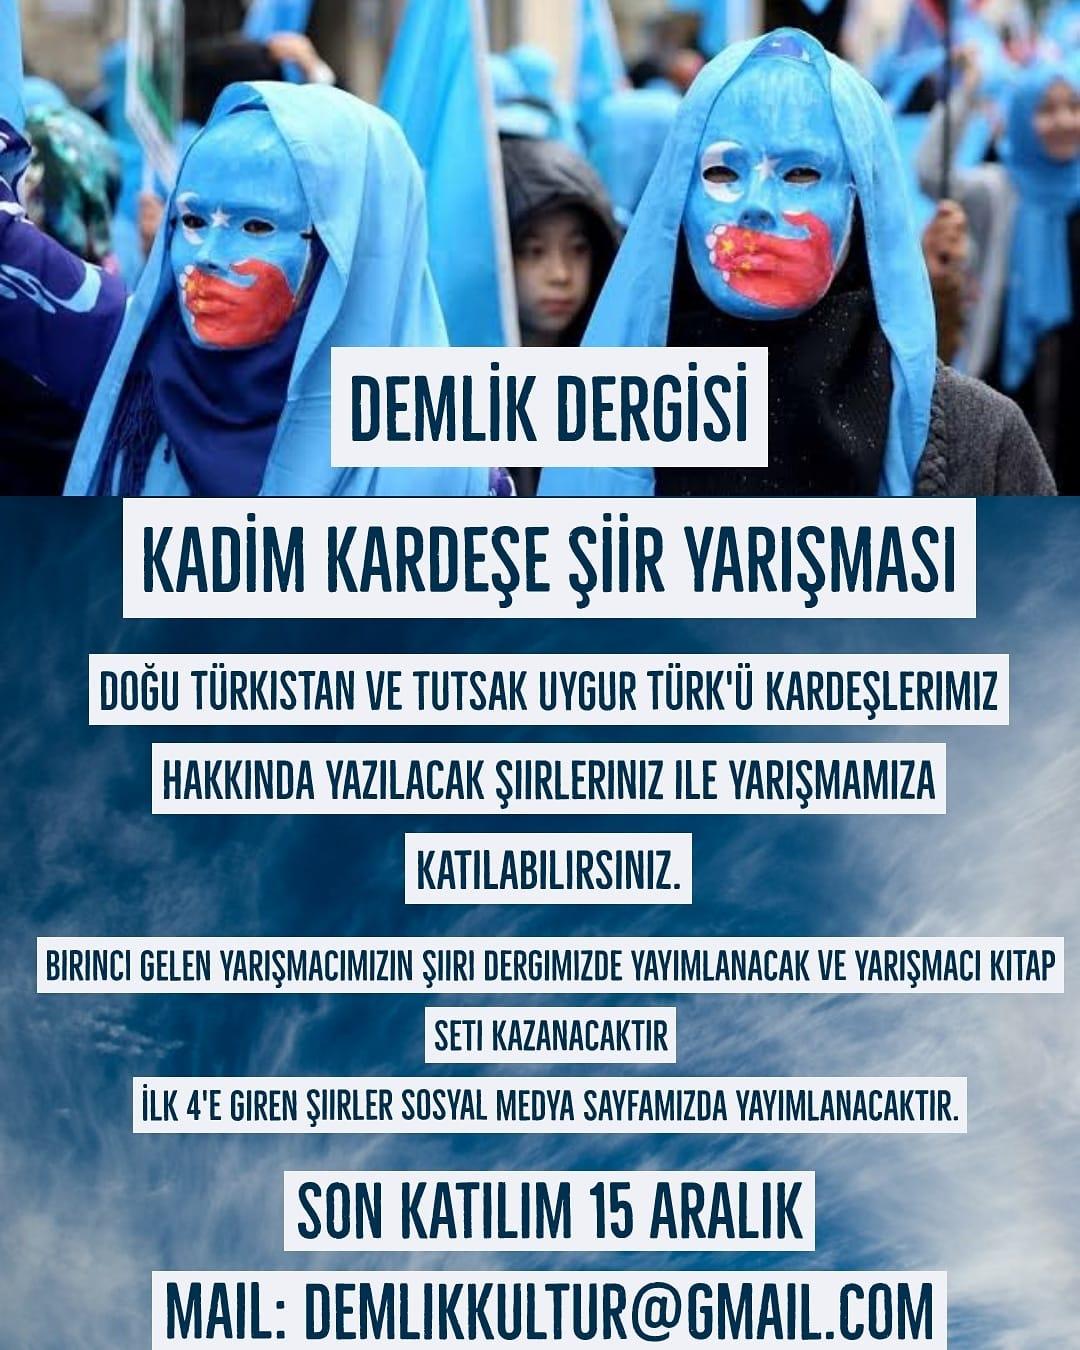 Demlik Dergisi Doğu Türkistan ve Uygur Türkleri konulu şiir yarışması düzenliyor.